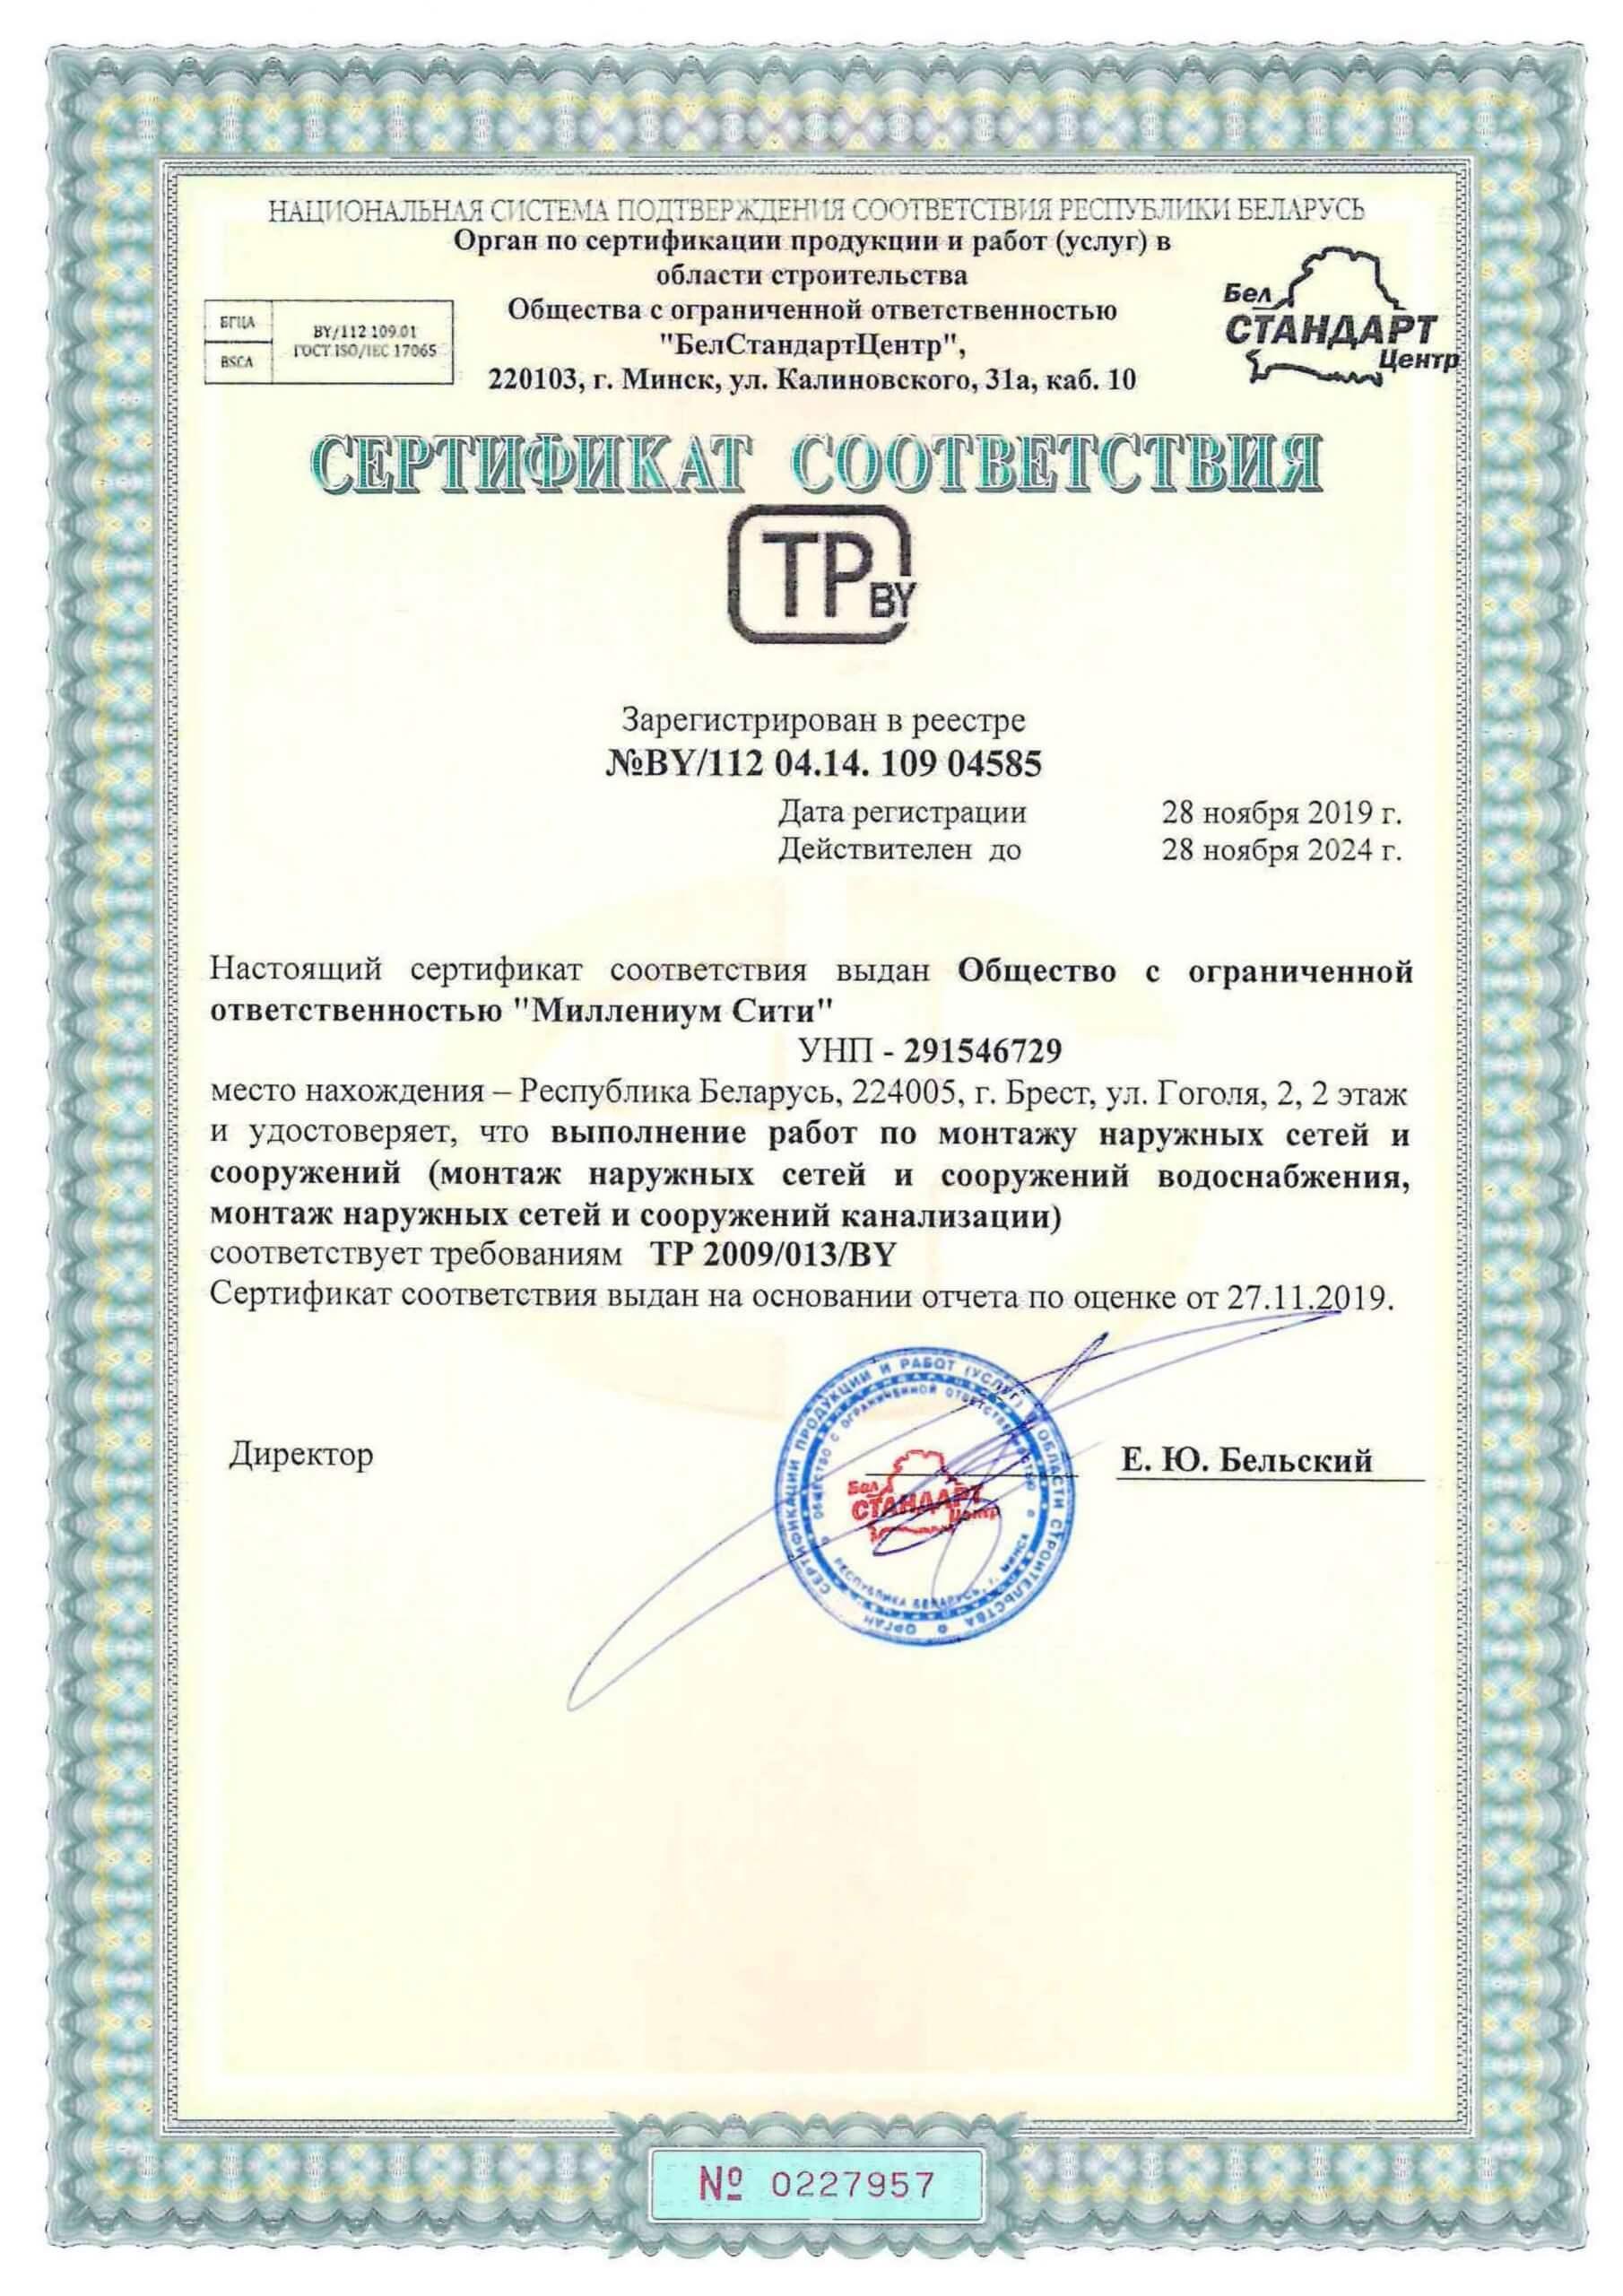 Сертификат соответствия компании Миллениум Сити